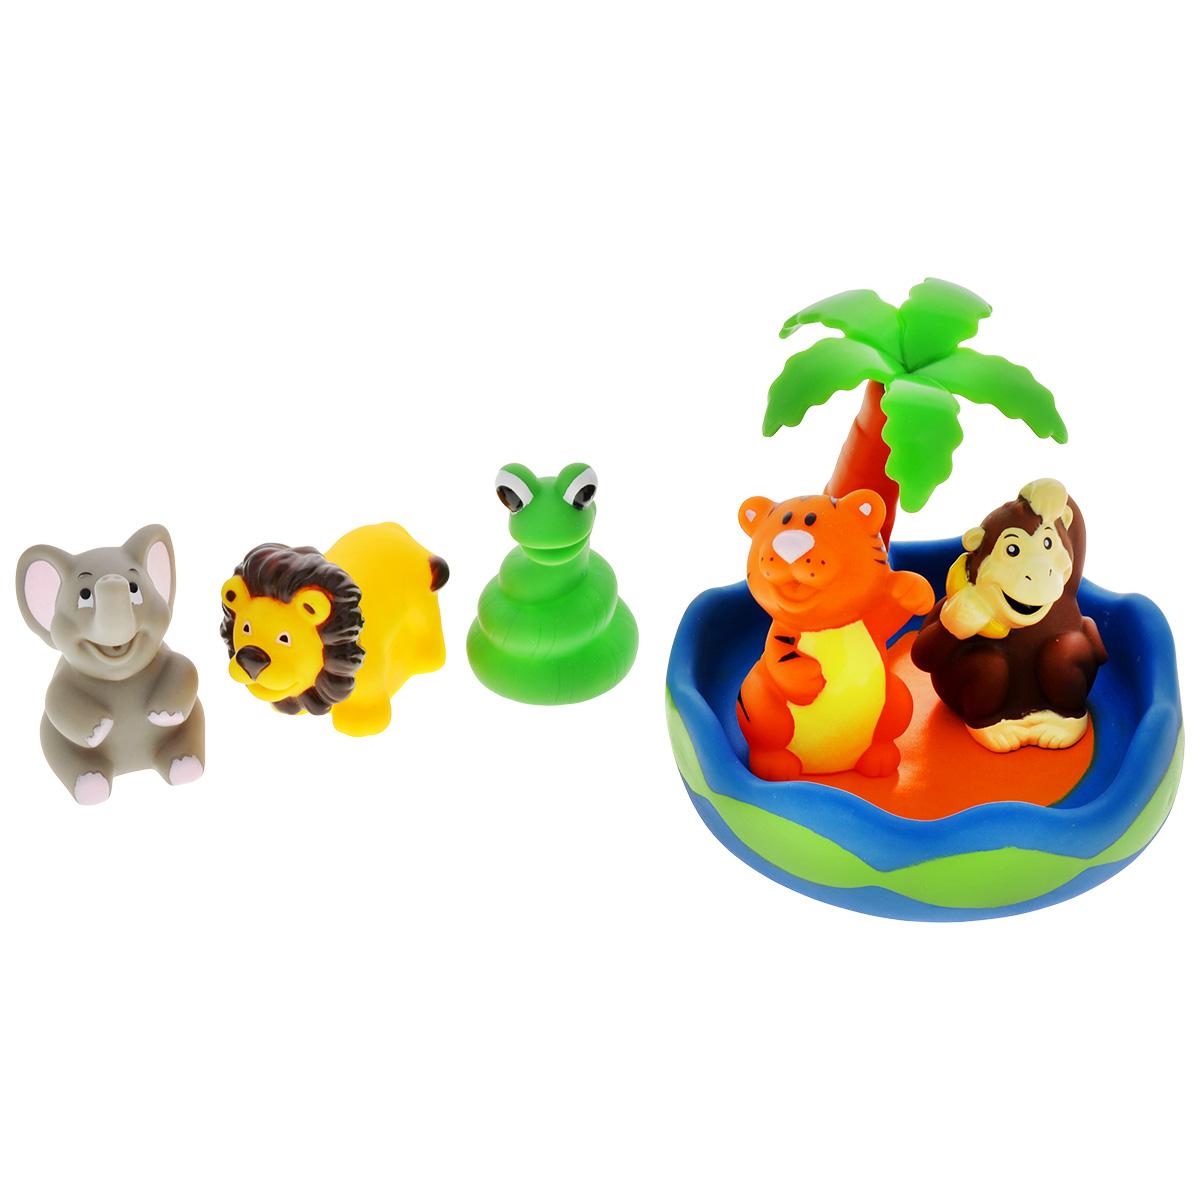 Игровой набор для ванны Mioshi Чудесный остров, 6 штMAU0304-007С набором для ванны Mioshi Чудесный остров принимать водные процедуры станет ещё веселее и приятнее. Компанию при купании малышу составят: остров с пальмой, милашка-львёнок, обезьянка с бананом, улыбающийся слоненок, обаятельный тигренок и змейка. Все составляющие набора приятны на ощупь, имеют удобную для захвата маленькими пальчиками эргономичную форму и быстро сохнут. Забавным дополнением также будет возможность игрушек брызгать водой при сжатии. Устраивайте водные сражения! Игрушки Mioshi Aqua помогают малышам быстрее приспосабливаться к водной среде, а процесс принятия водных процедур делают веселым и увлекательным.